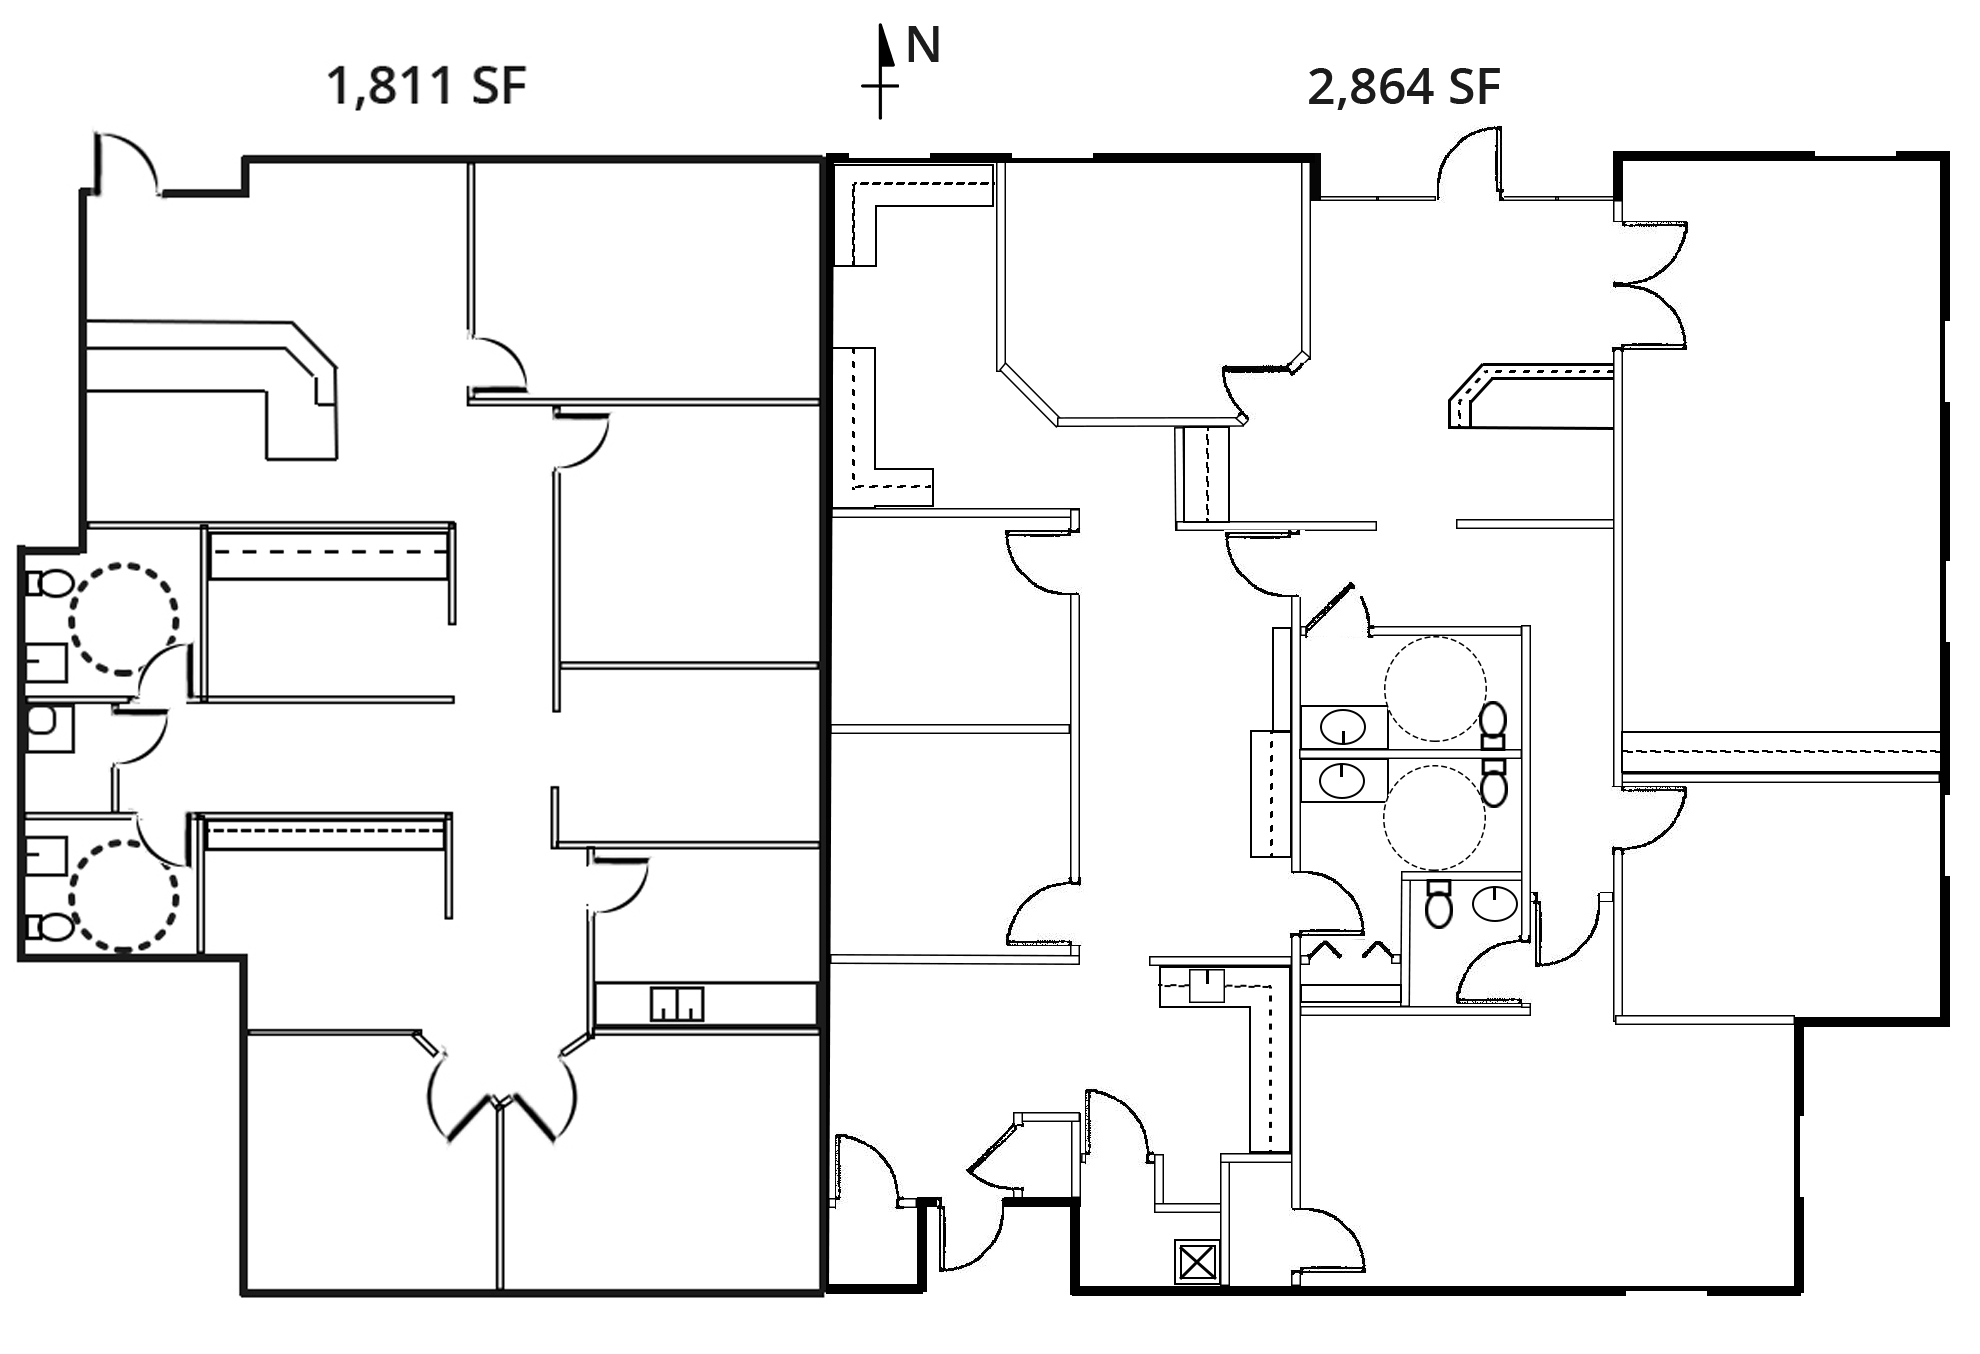 combined floor plans.jpg